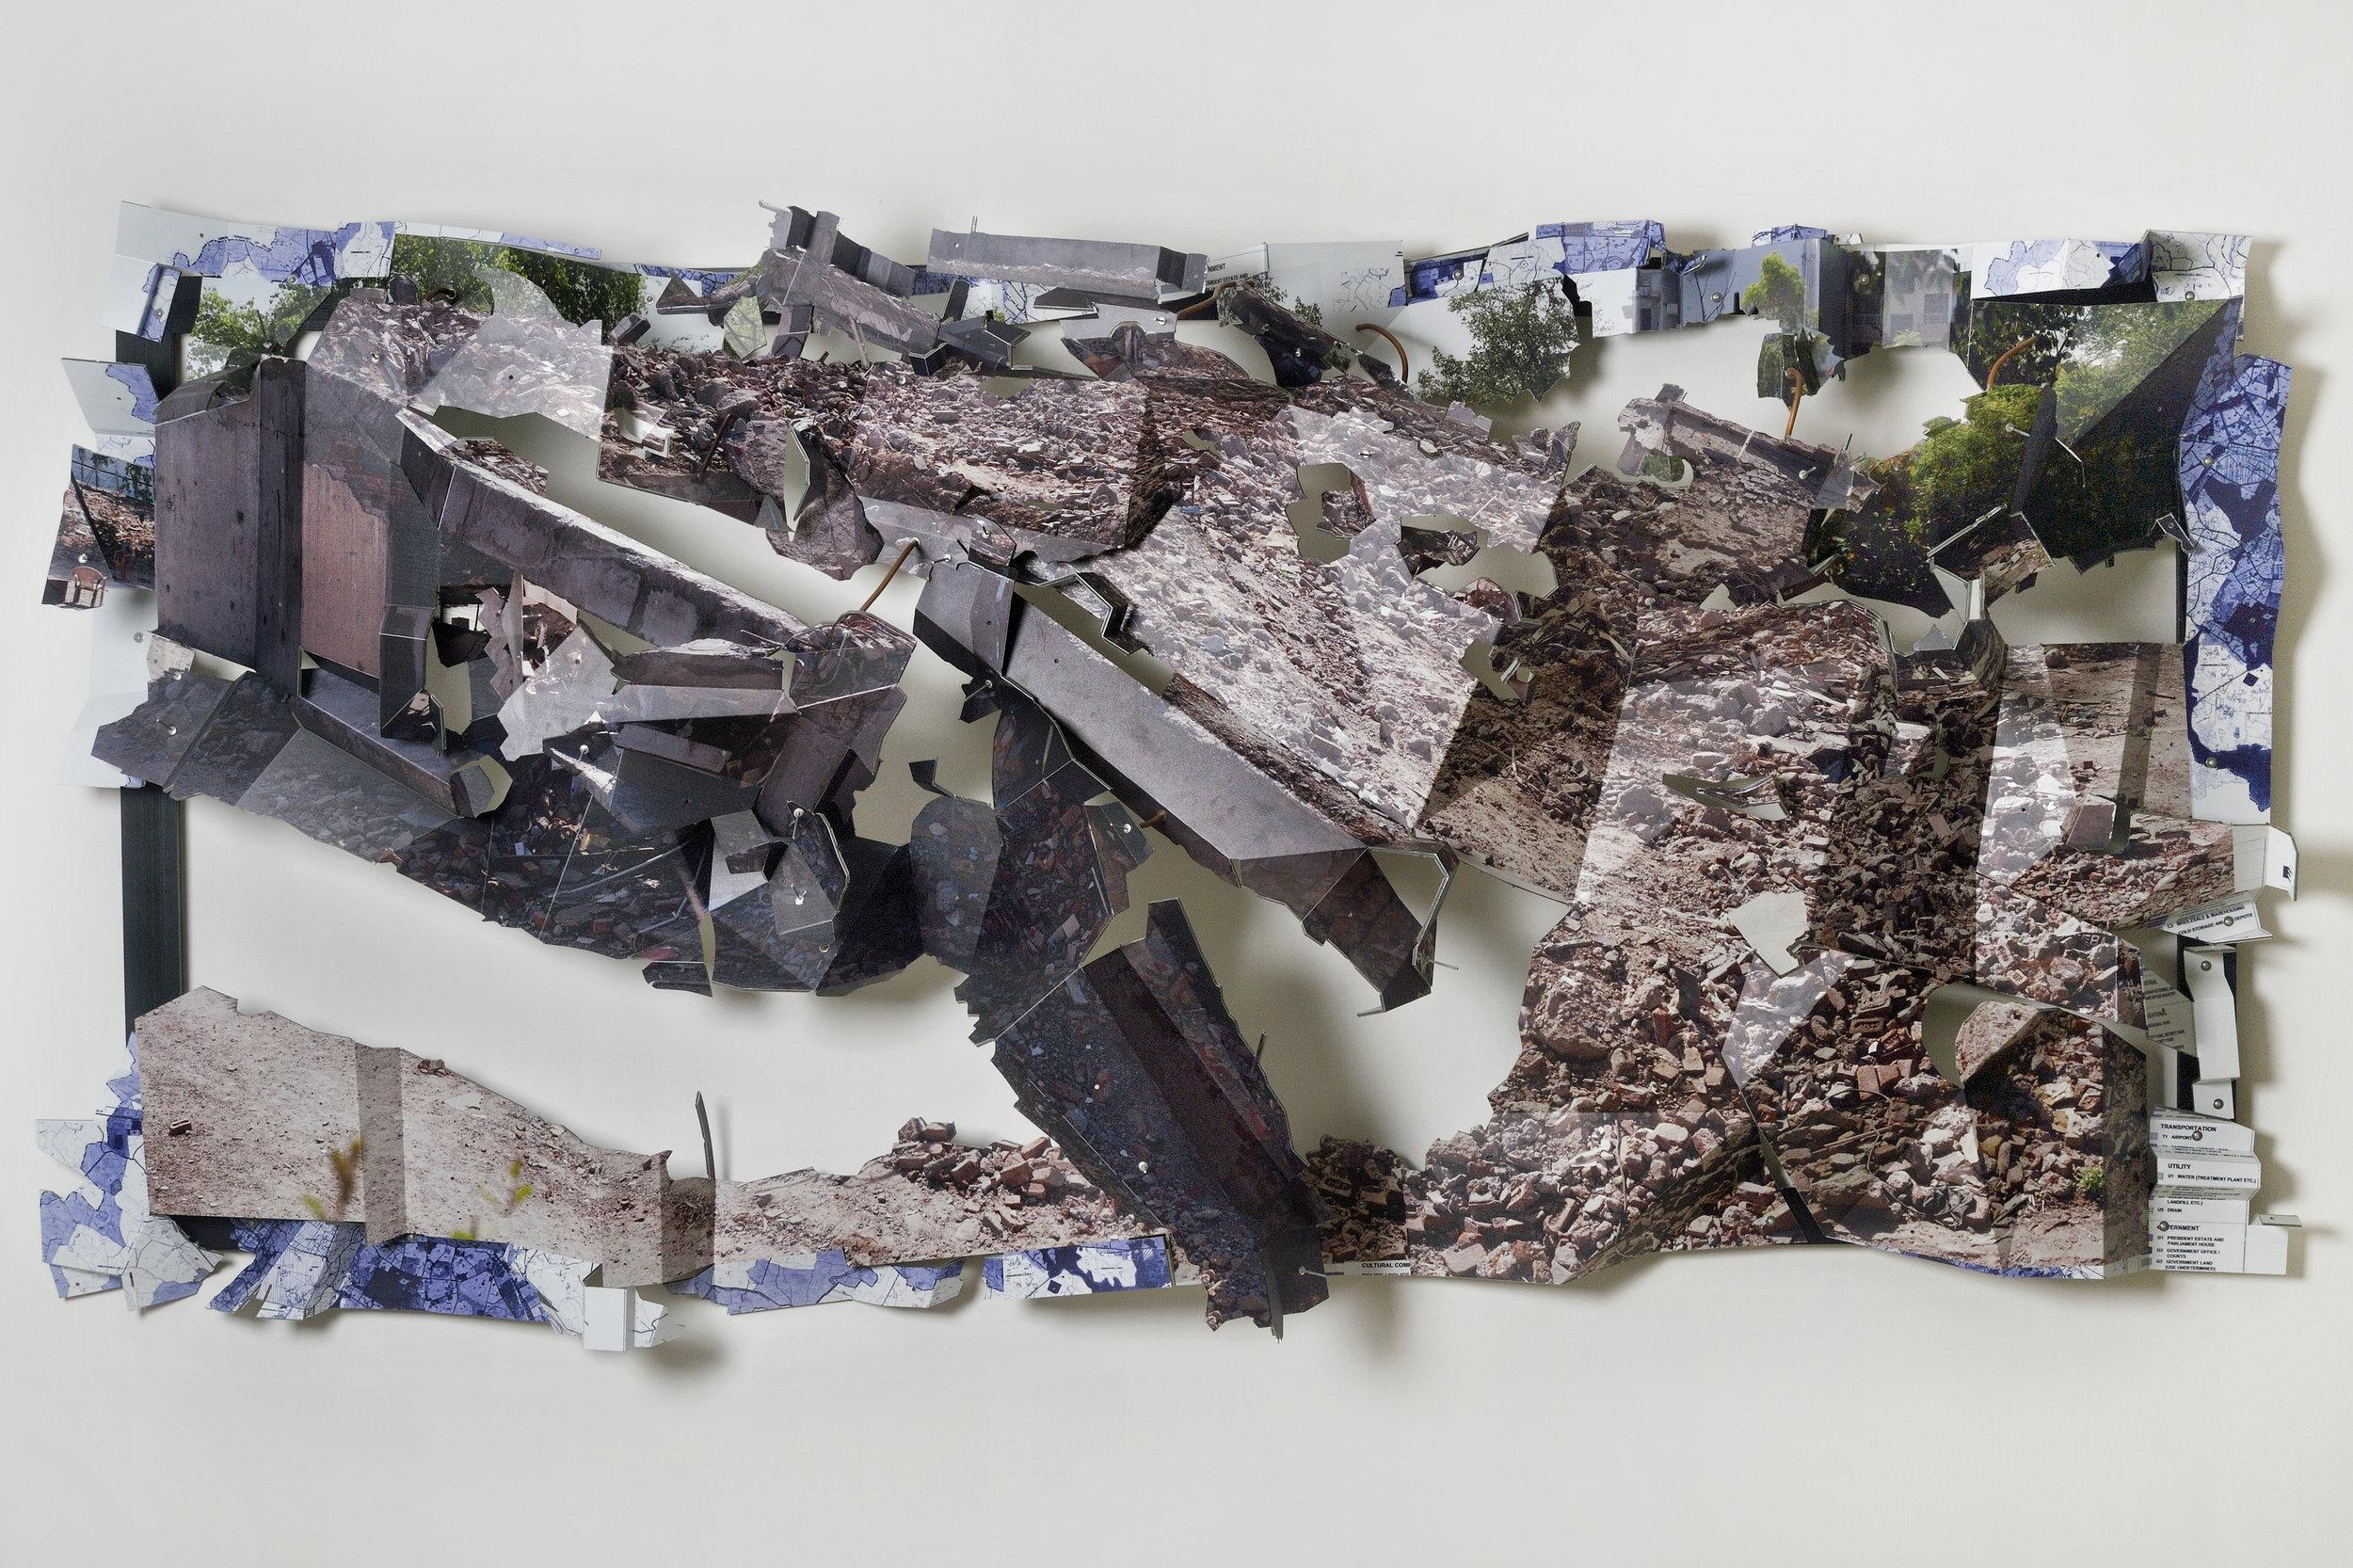 Urban-ruin at Ashram Chowk -1, 2013.